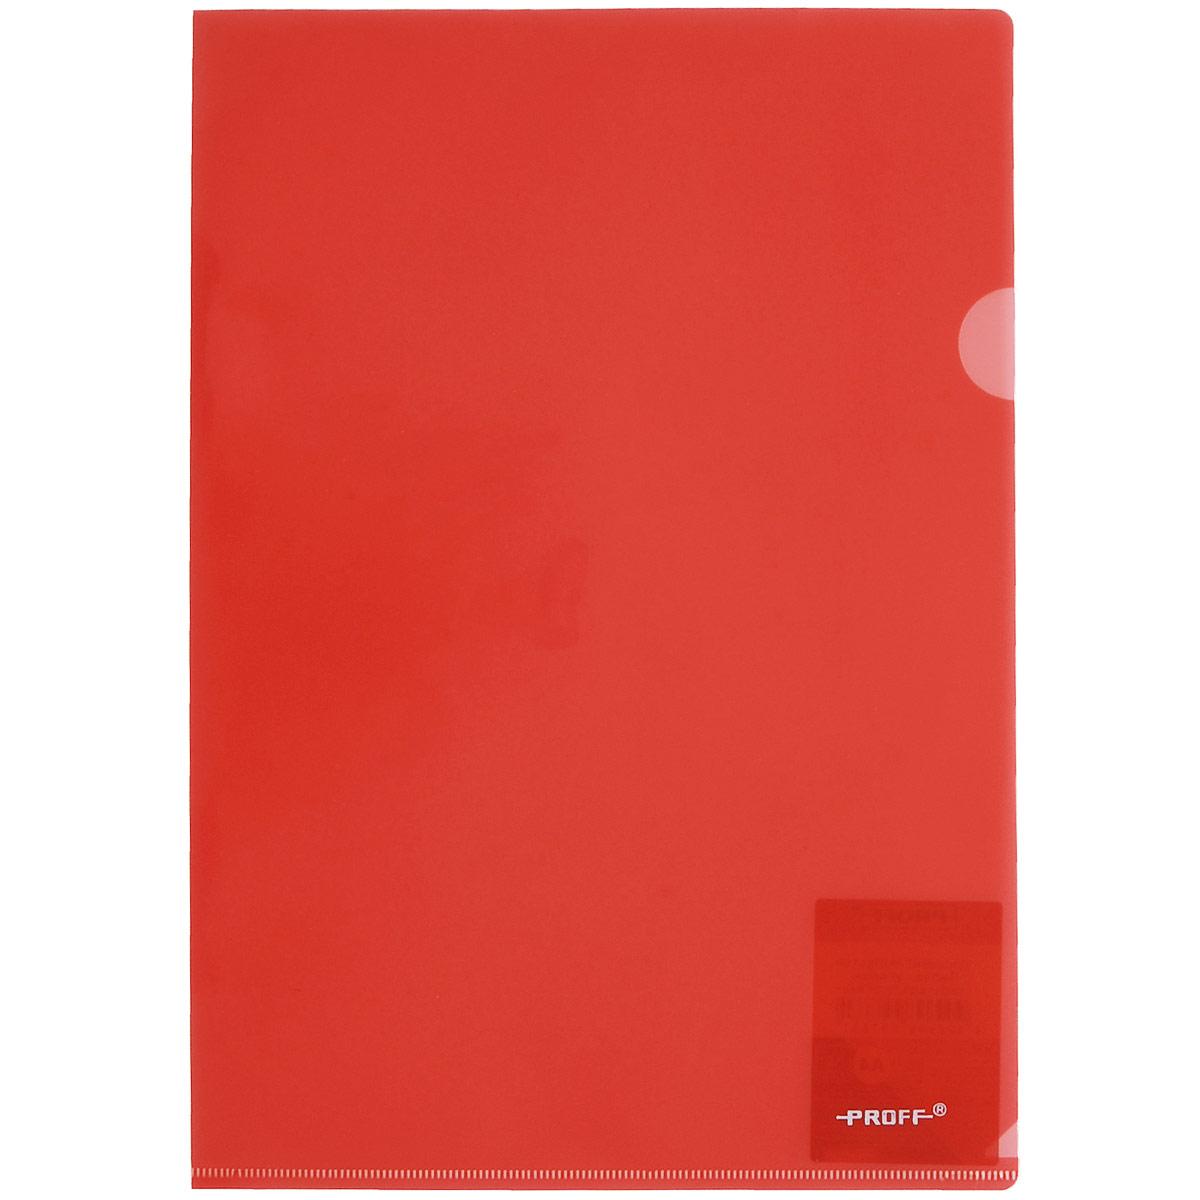 Папка-уголок Proff Alpha, цвет: красный. Формат А4CH510A/20-TF-01Папка-уголок Proff Alpha, изготовленная из высококачественного полипропилена, это удобный и практичный офисный инструмент, предназначенный для хранения и транспортировки рабочих бумаг и документов формата А4. Полупрозрачная глянцевая папка имеет опрятный и неброский вид. Папка-уголок - это незаменимый атрибут для студента, школьника, офисного работника. Такая папка надежно сохранит ваши документы и сбережет их от повреждений, пыли и влаги.